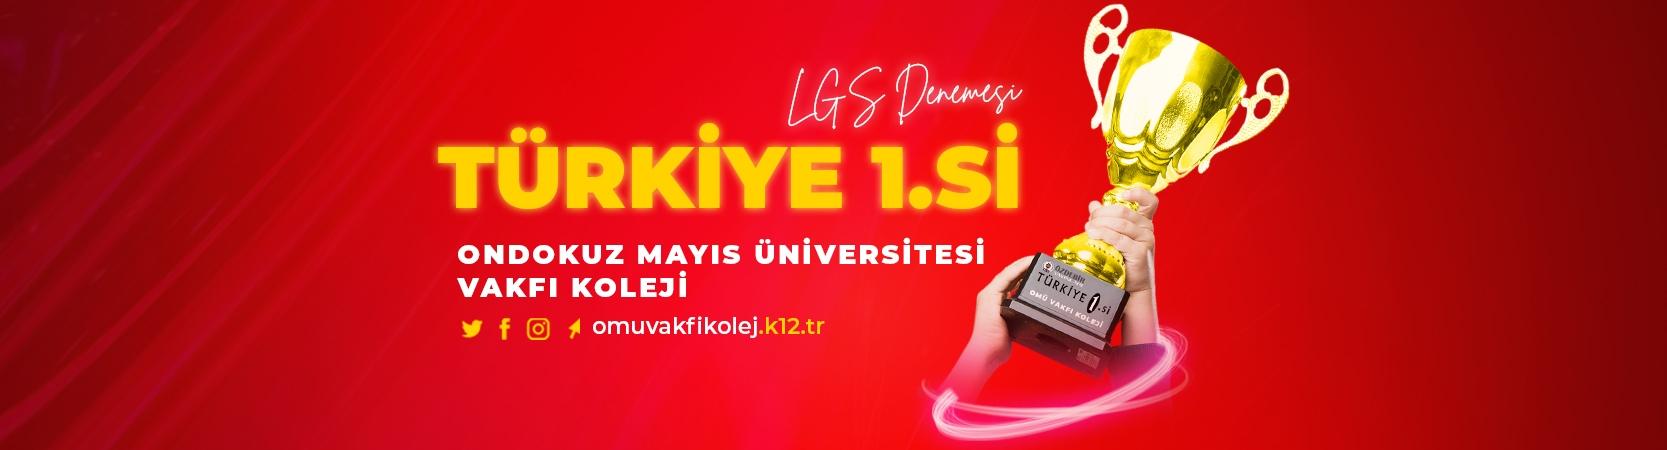 Türkiye 1. si OMÜ Vakfı Koleji'nden